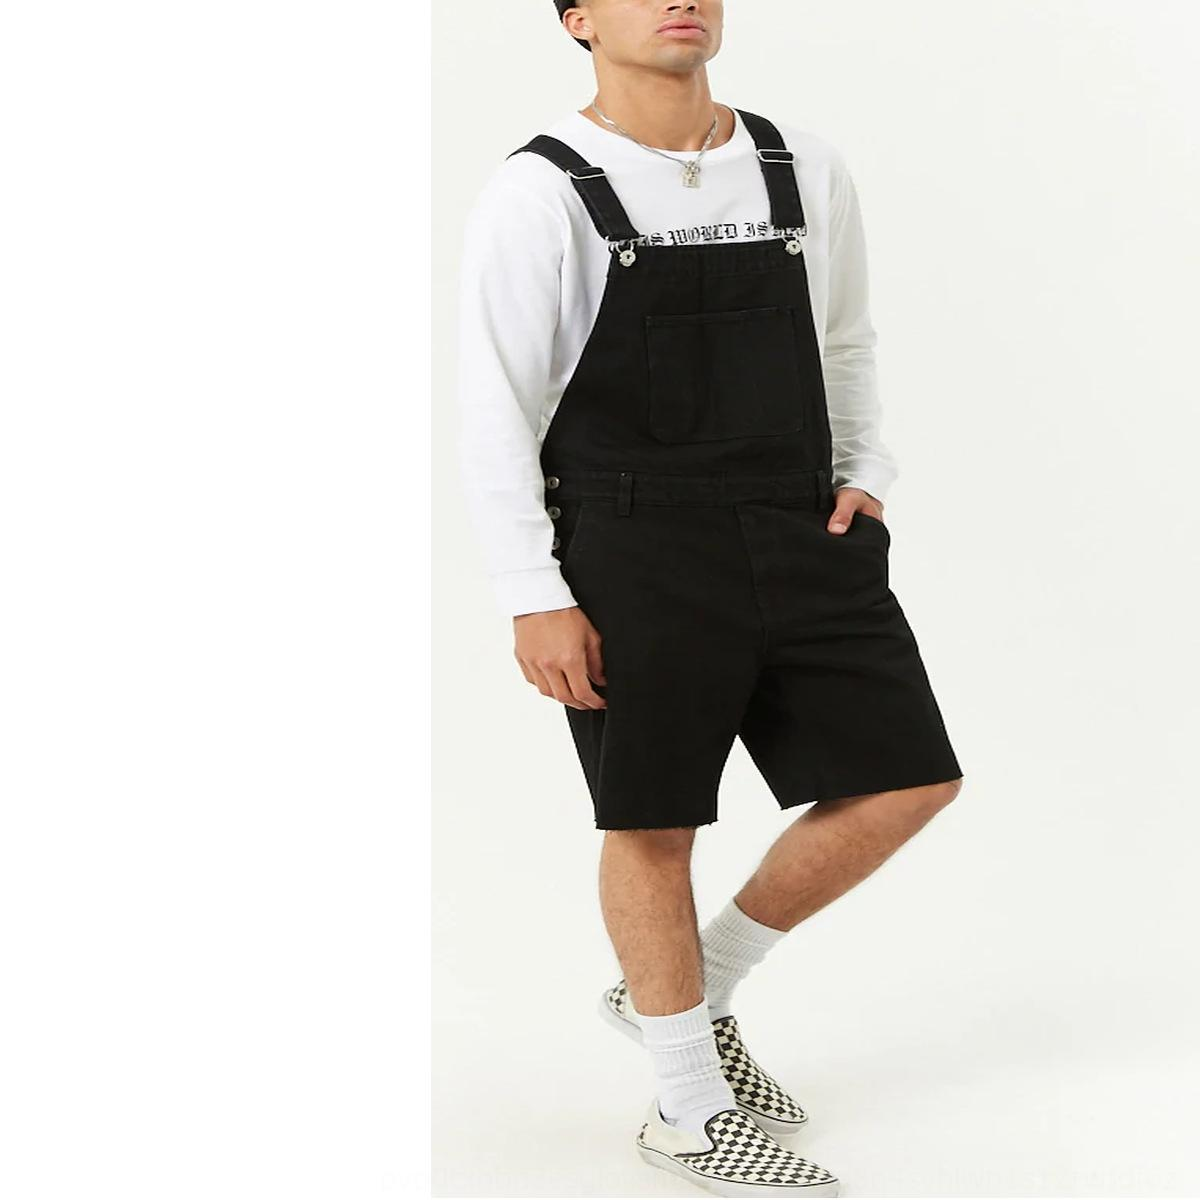 Männer neue 2019 Denim riss Overalls 2019 neue Jeans-Männer riss Shorts einteilige Shorts einteilige Overalls qHAeL